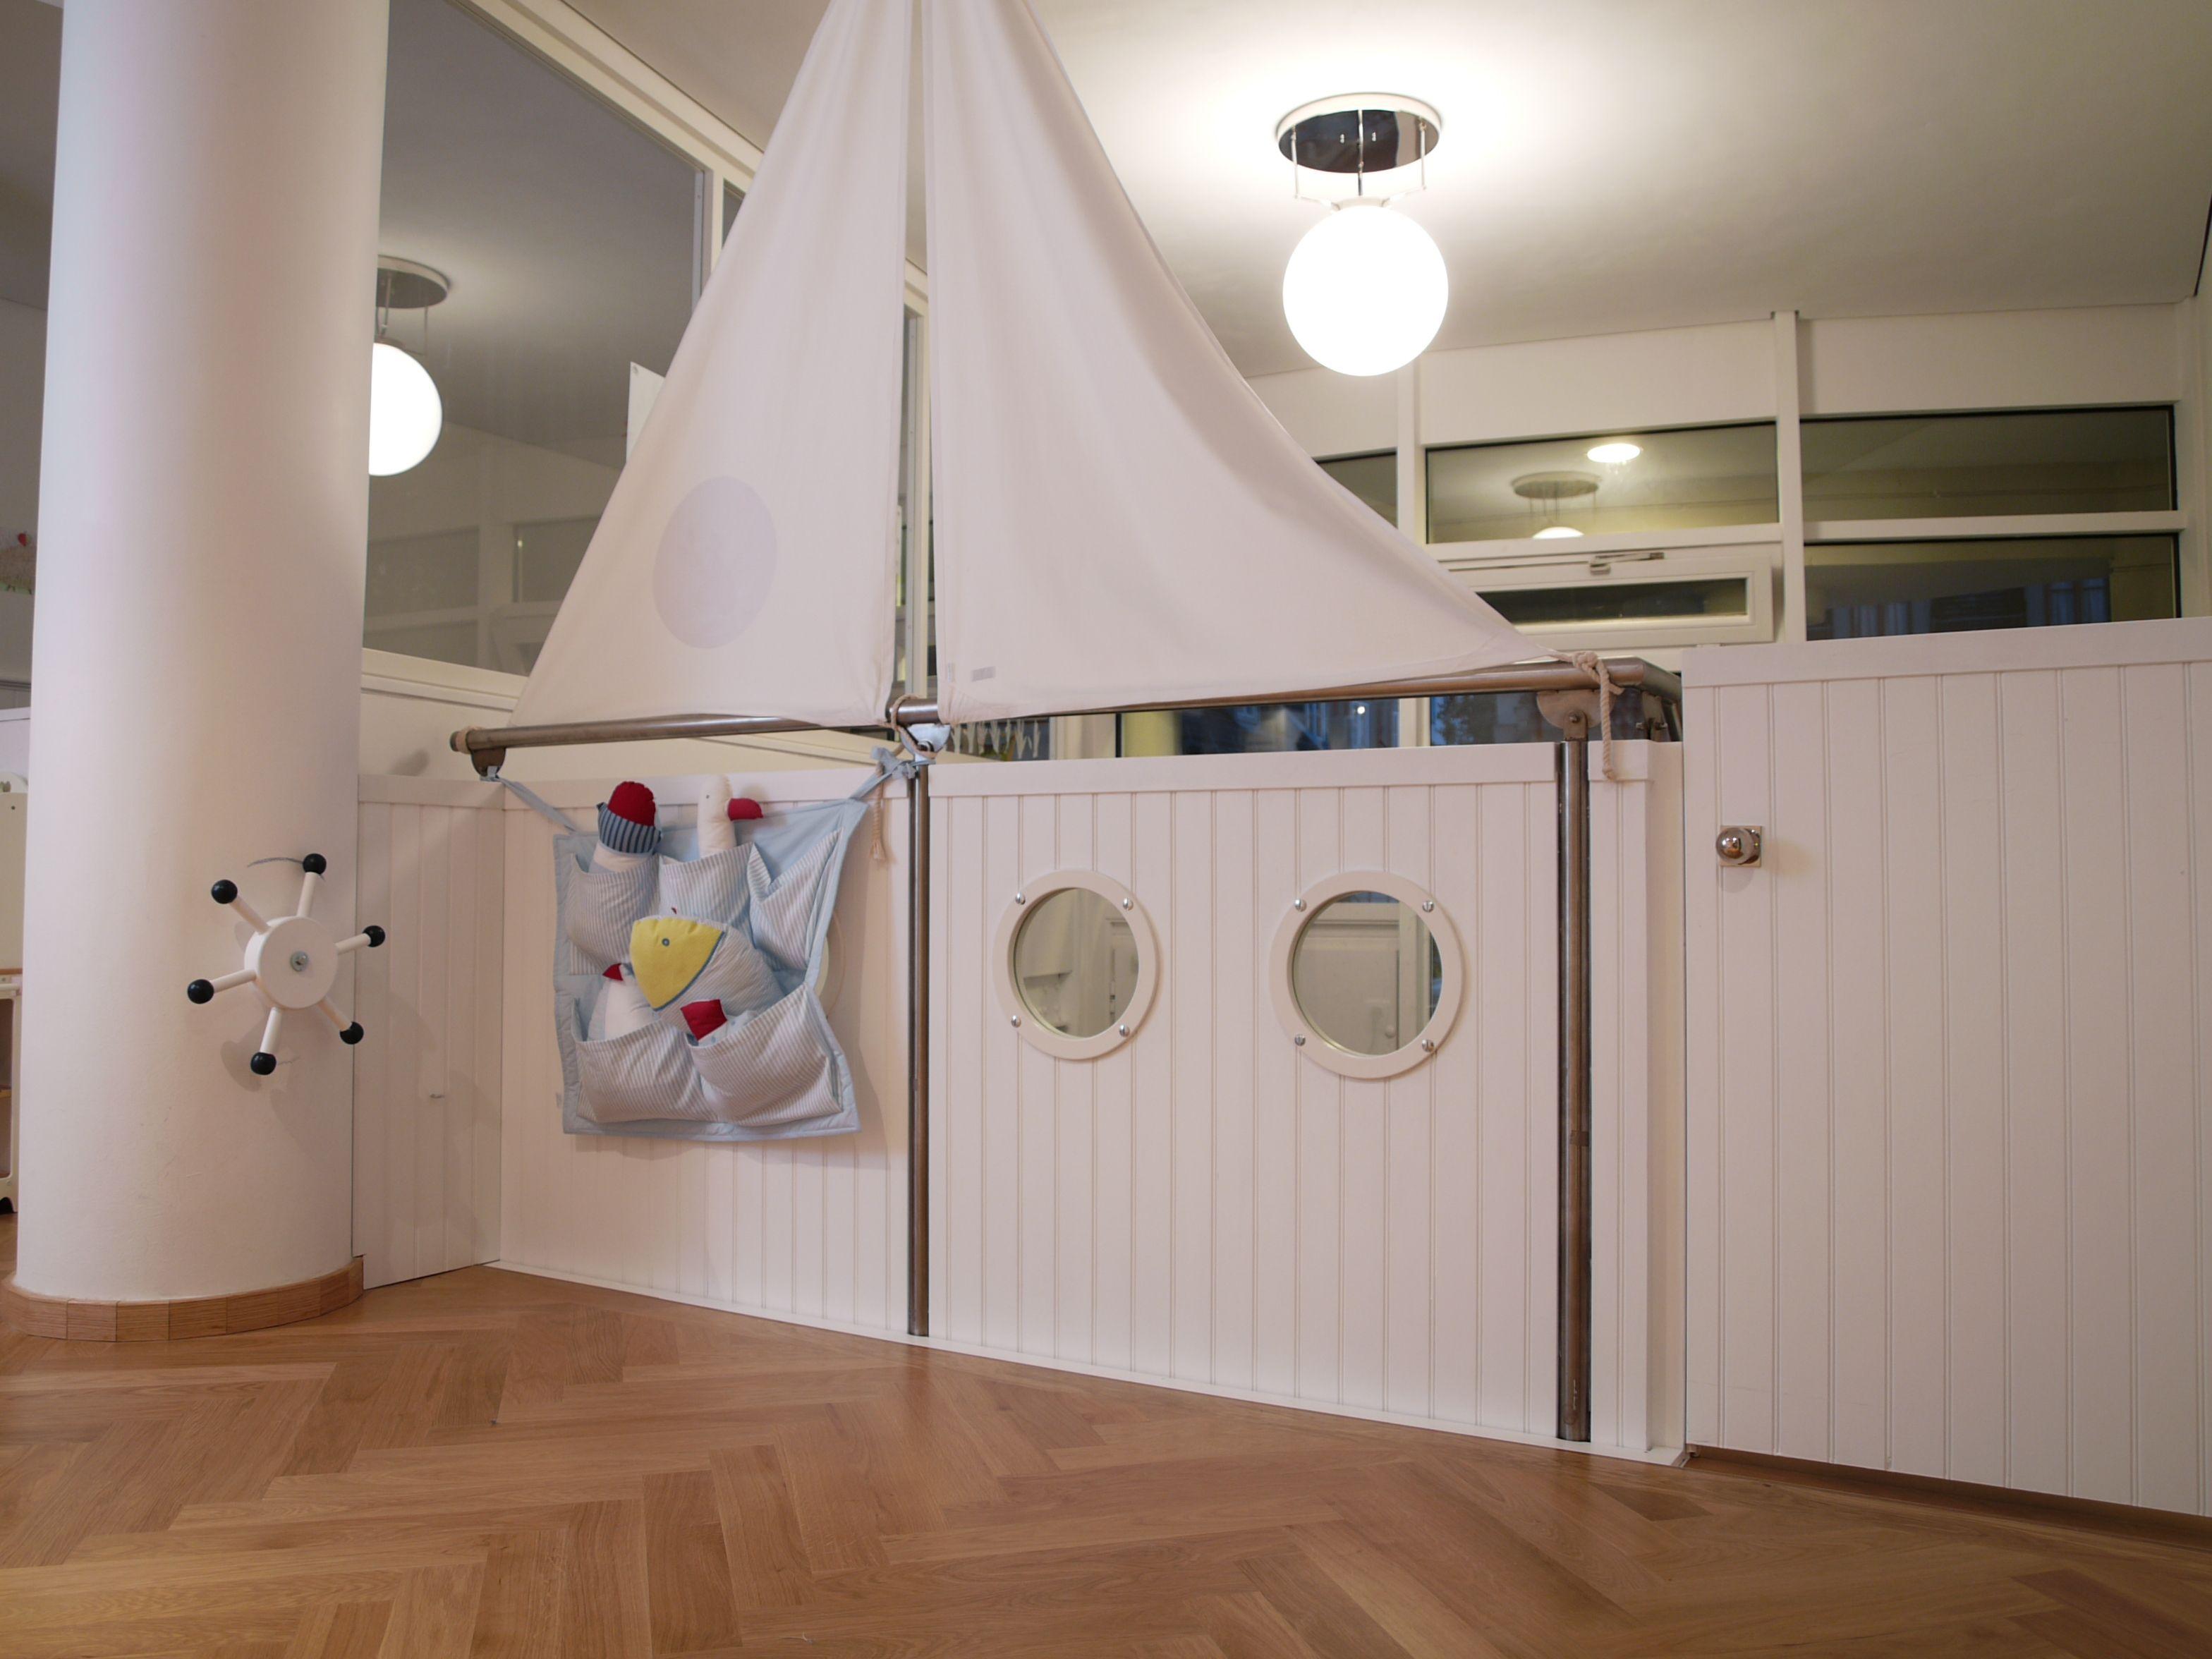 wandverkleidung in der marienk fer kindervilla m nchen eine kita zum wohlf hlen. Black Bedroom Furniture Sets. Home Design Ideas